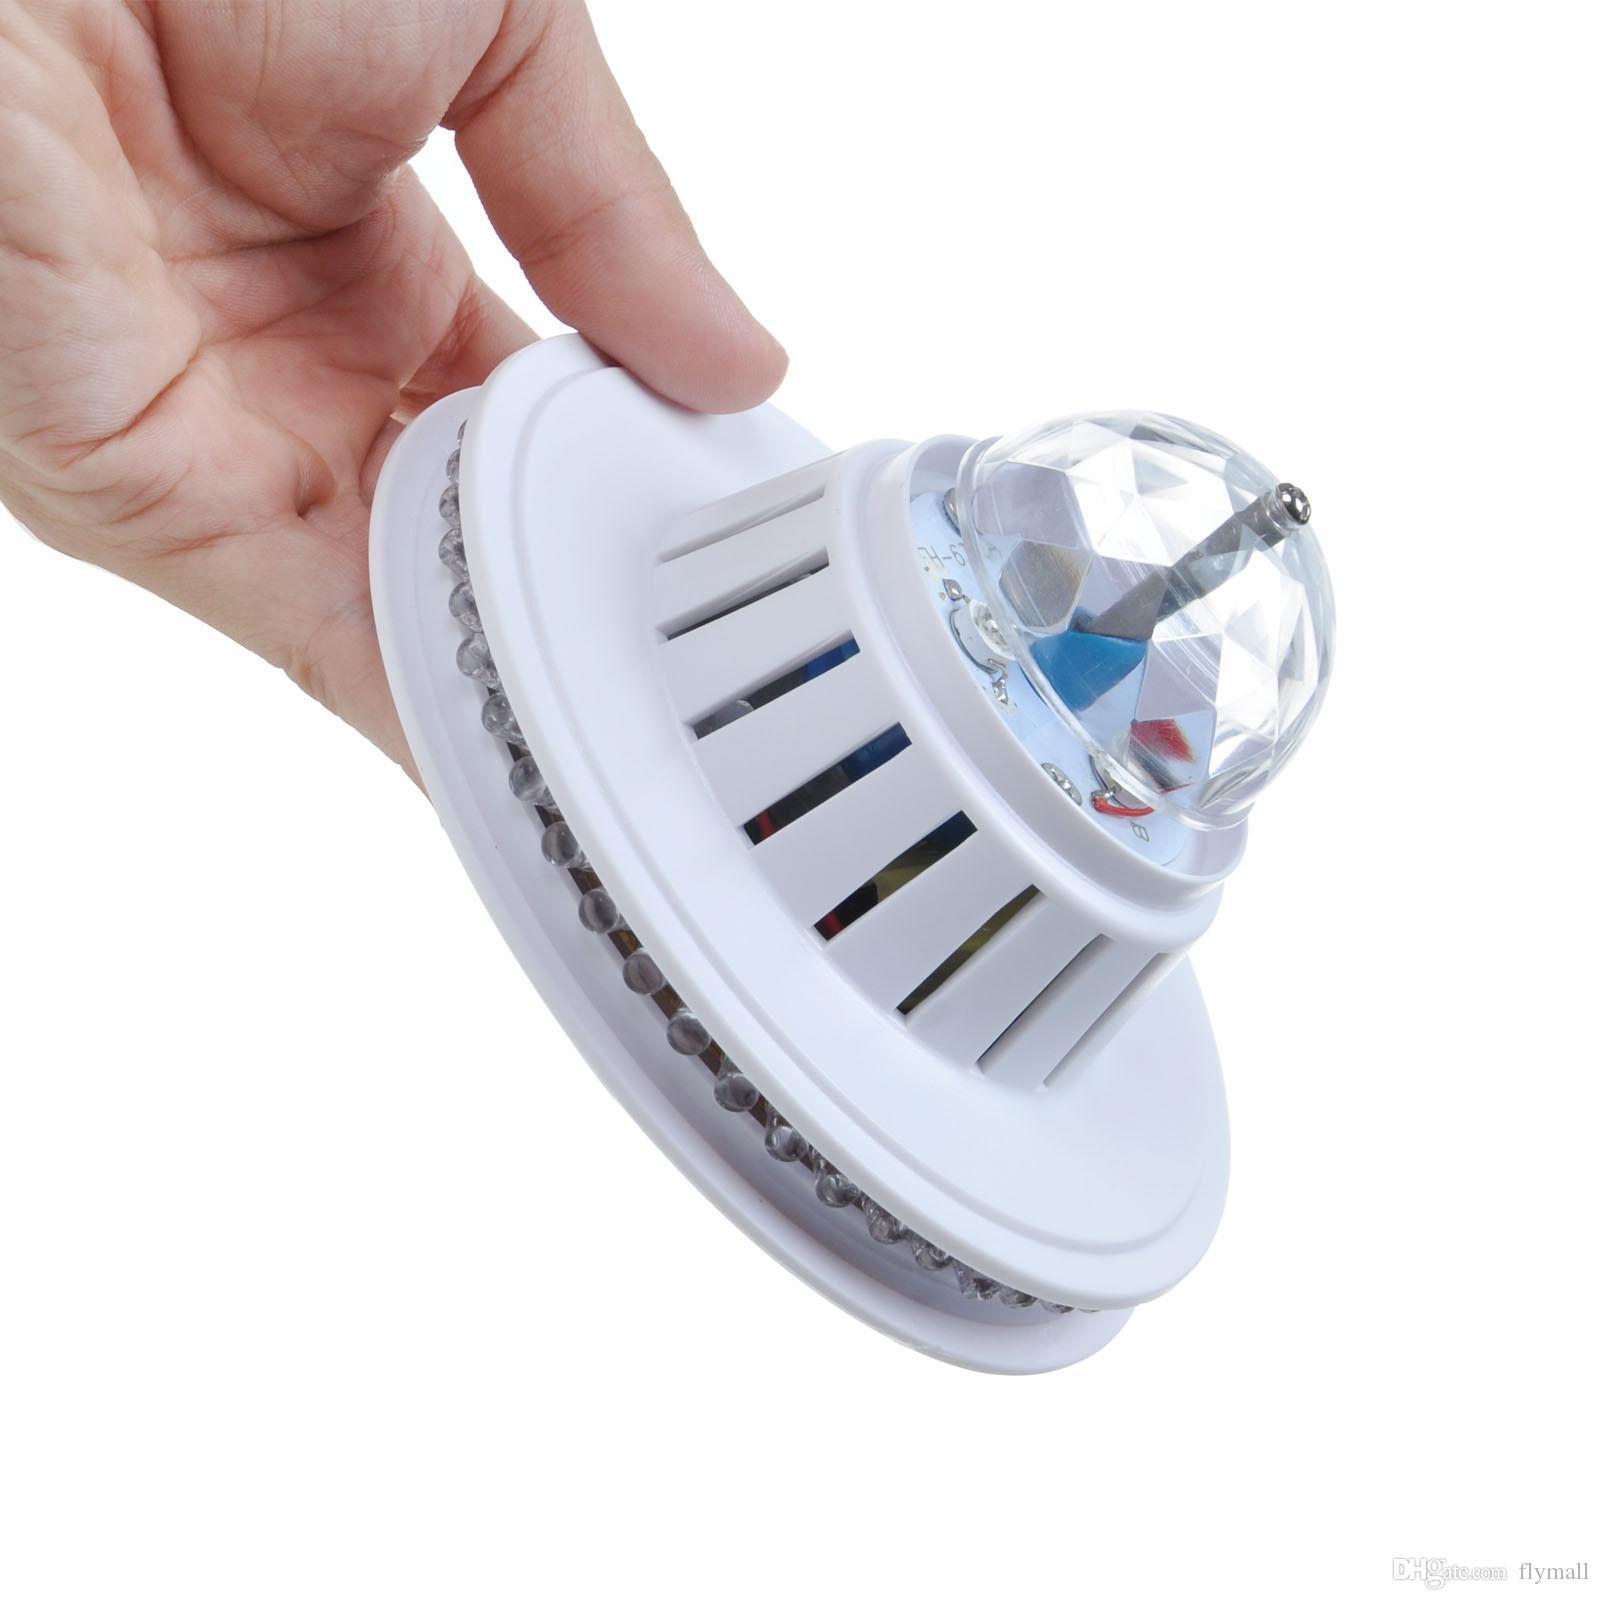 48LEDs 8W 회전 RGB LED 전구 색상 변경 크리스탈 매직 해바라기 공 빛 Led 효과 RGB 크리스탈 무대 디스코 크리스마스 파티